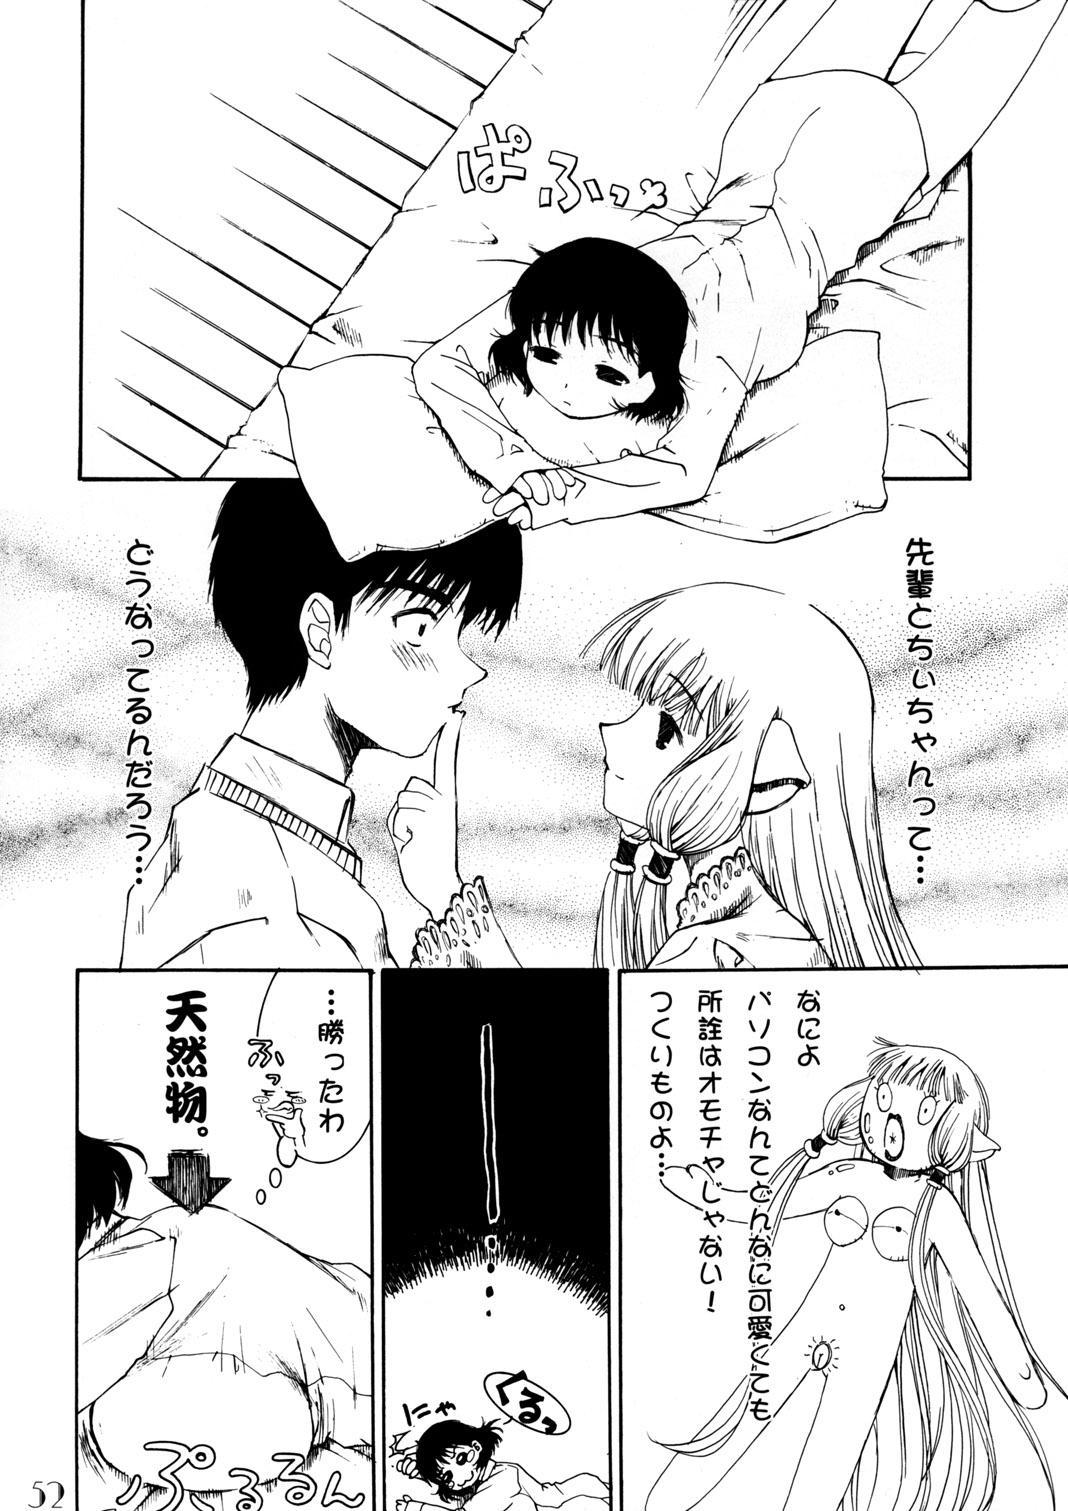 Slave Unit Vol.3 Hokka Hokka Musume 50